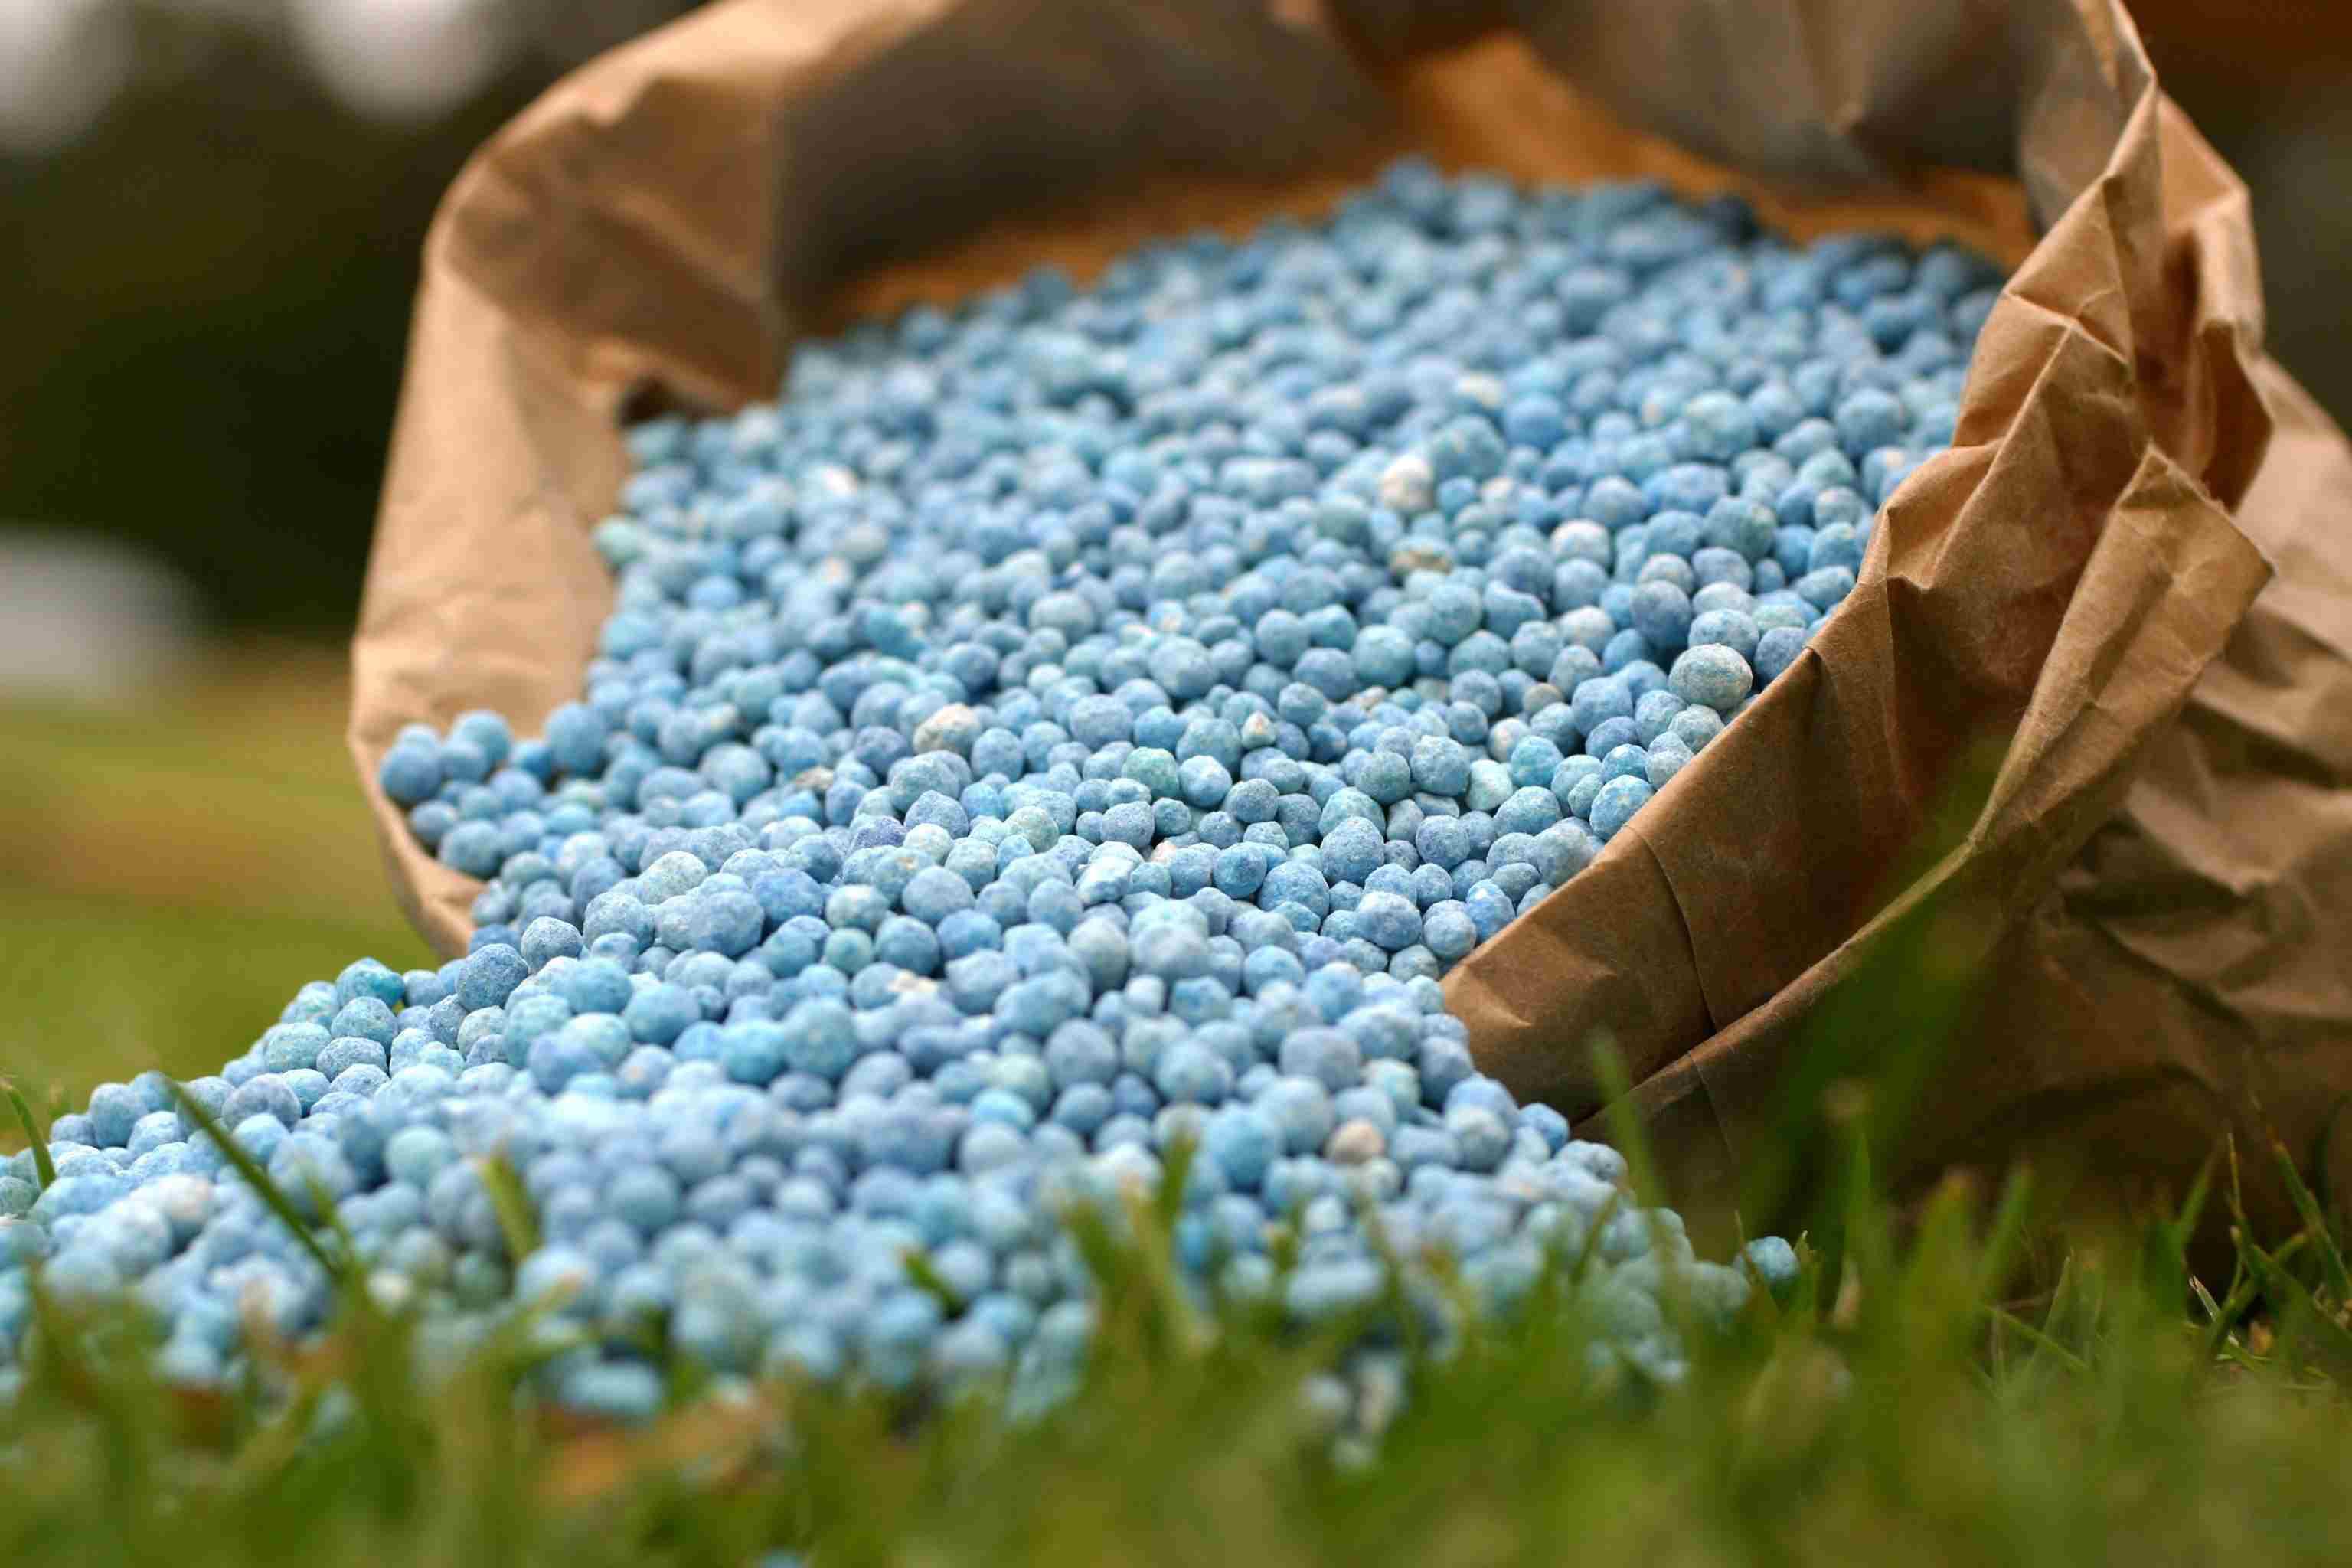 Nitrogen in Fertilizers